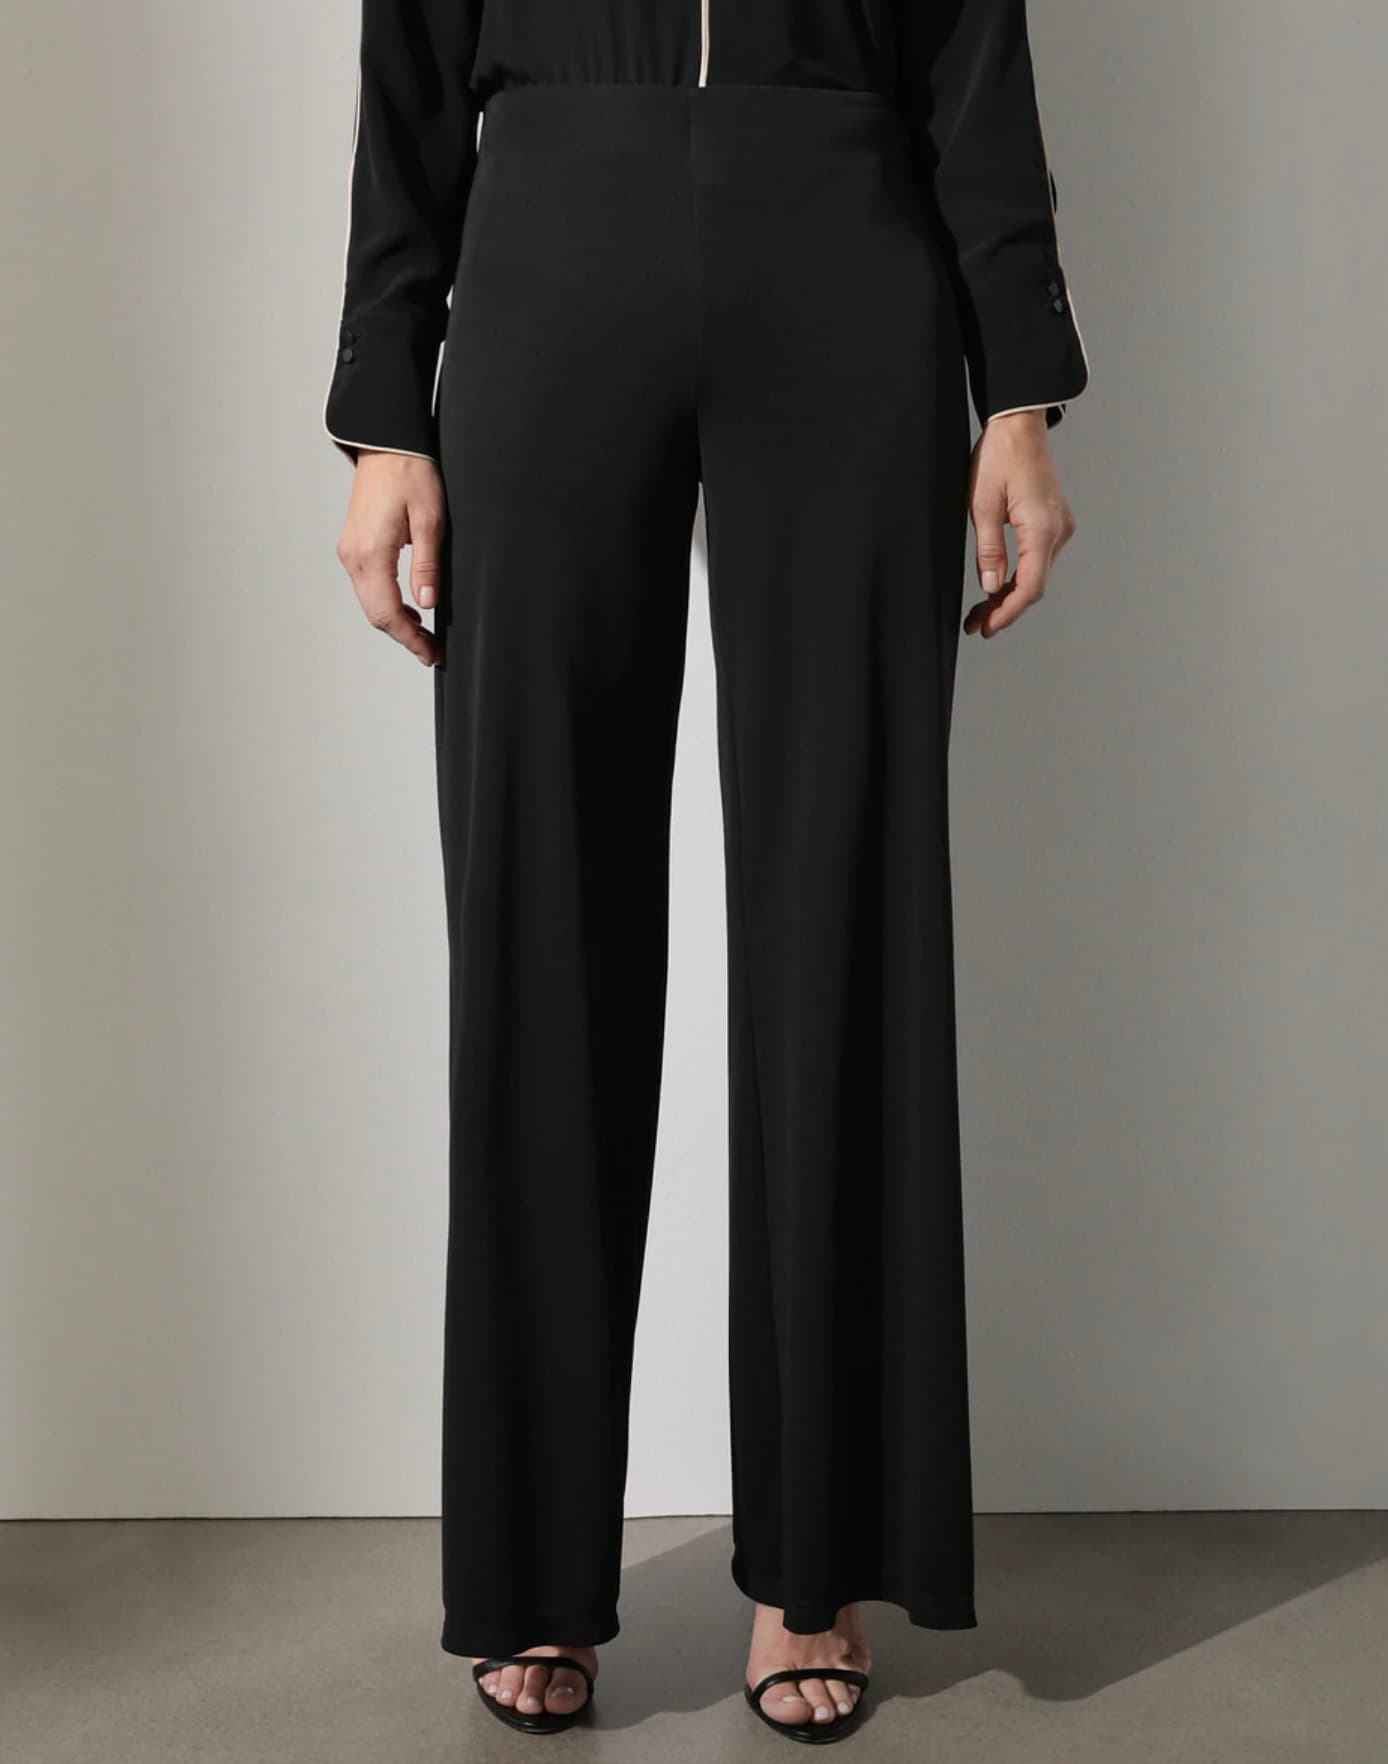 Pantalón amplio de mujer en color negro